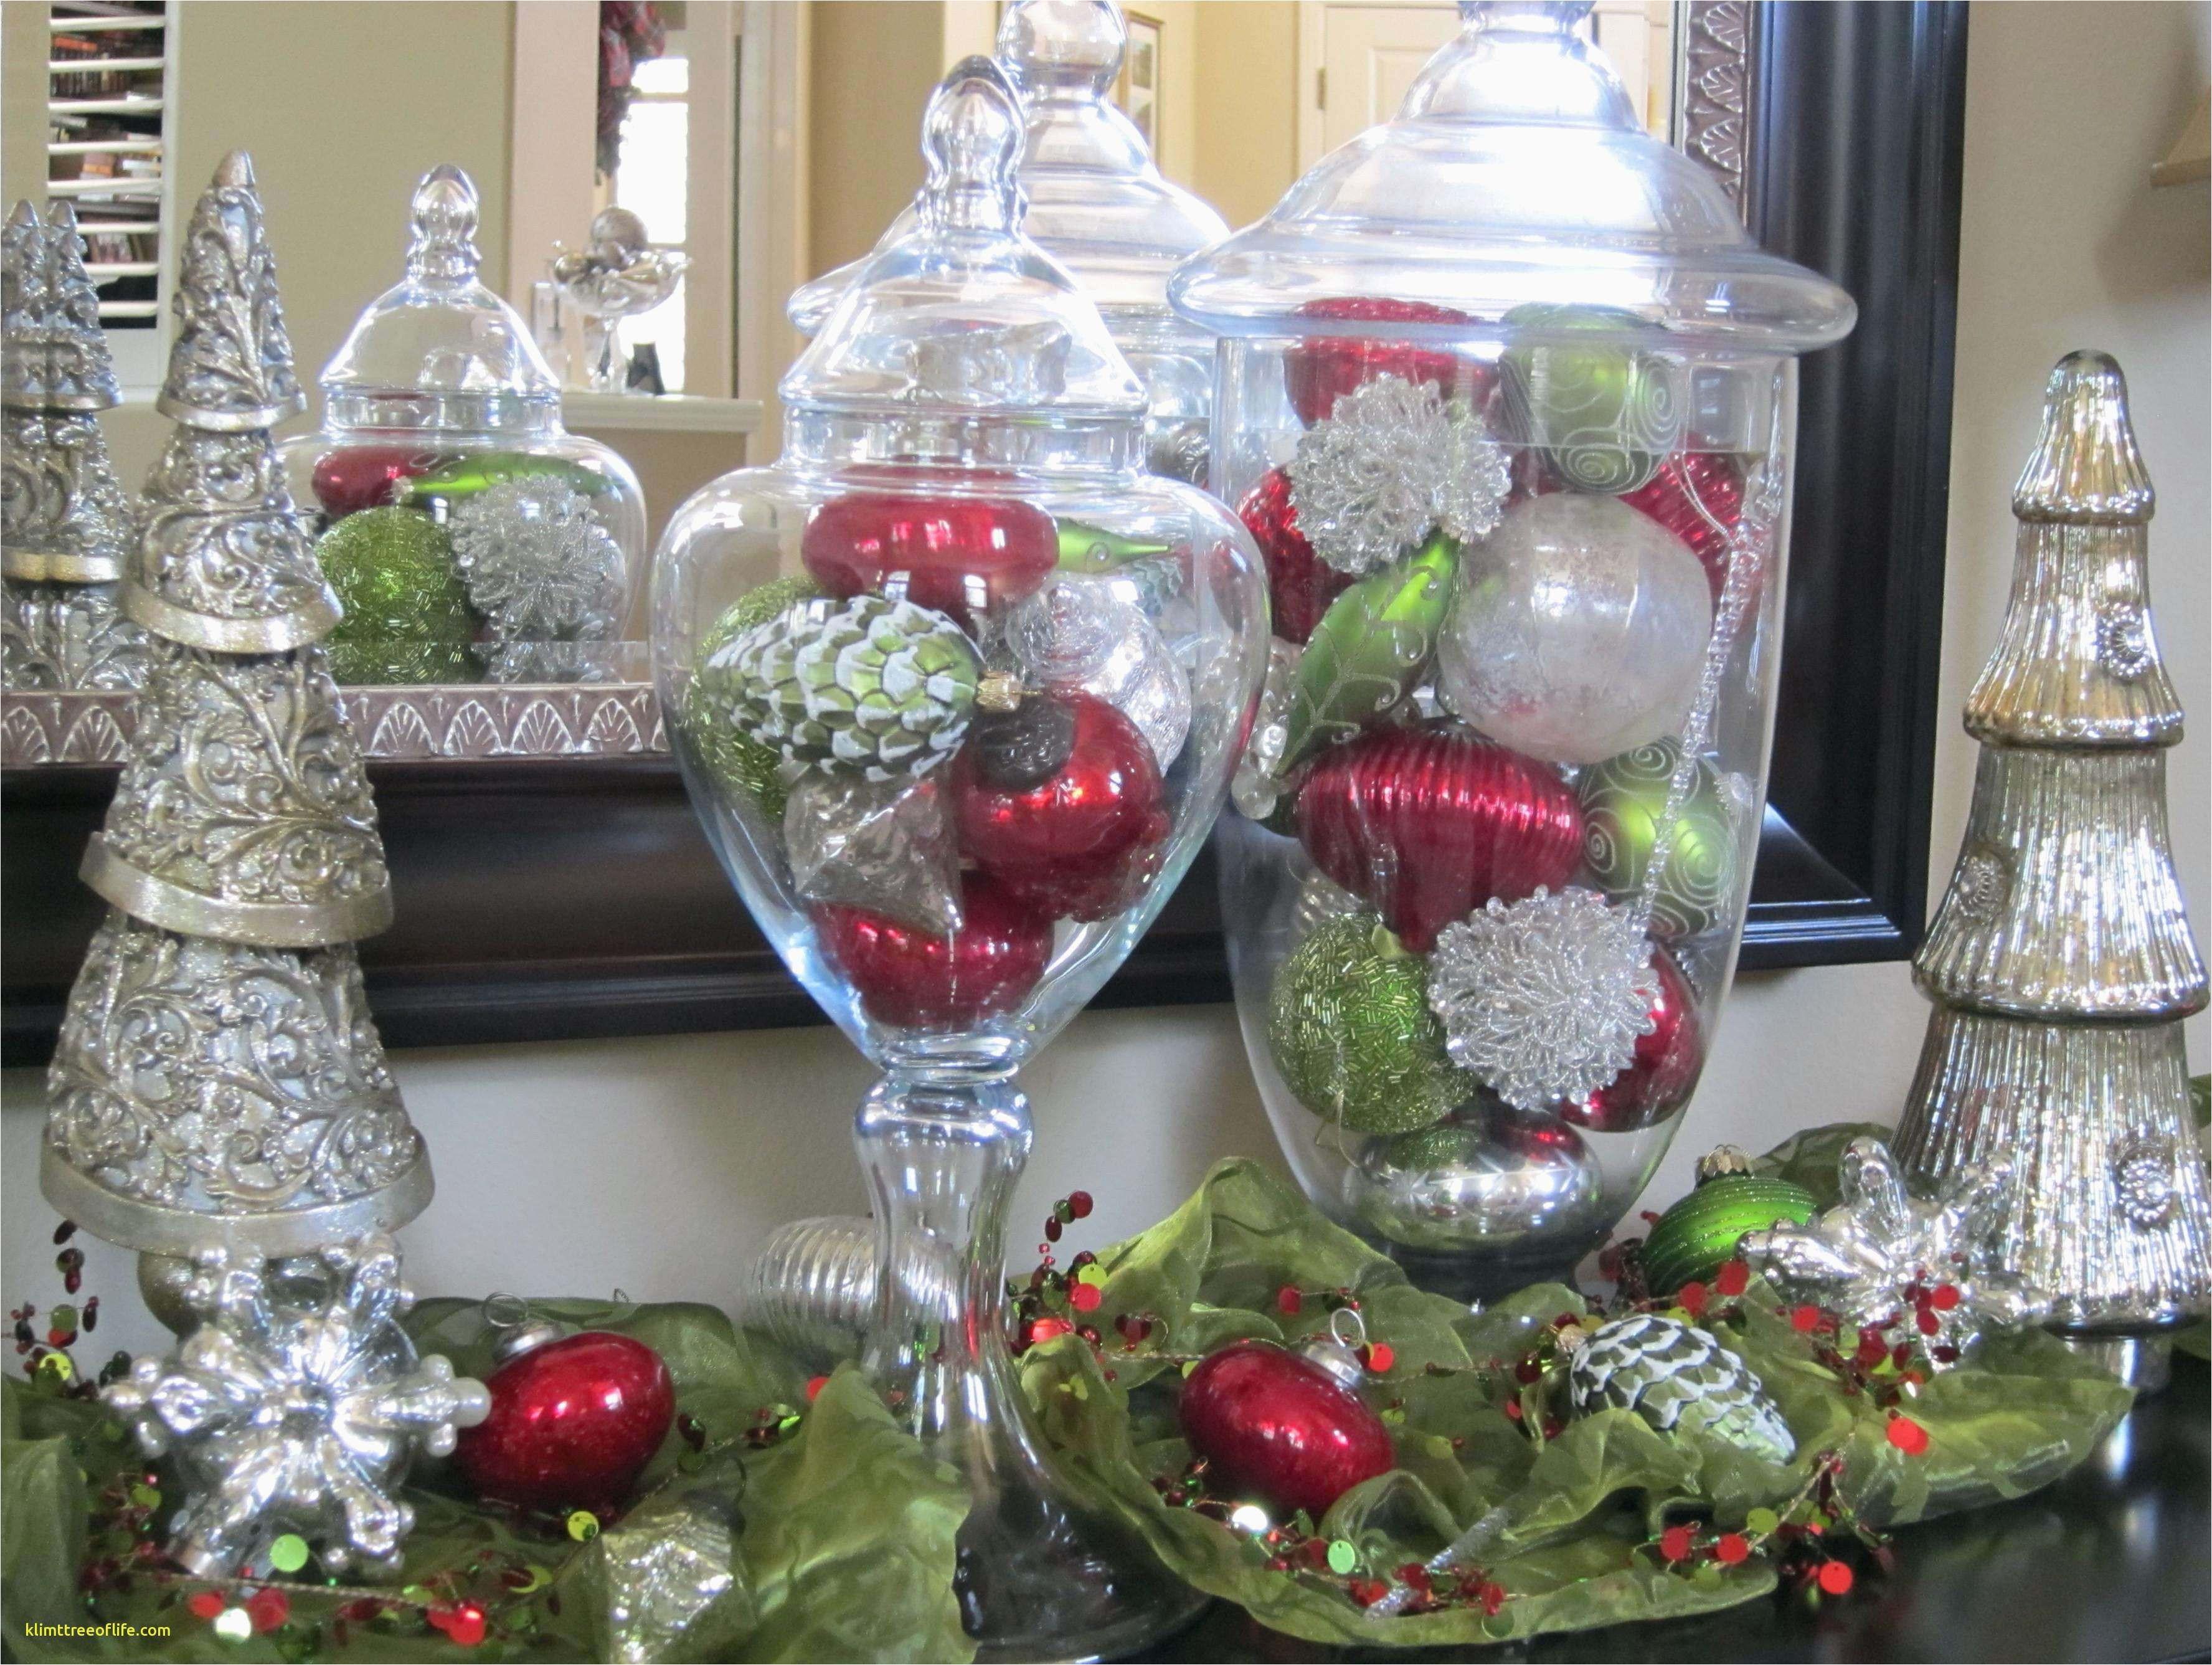 Decorating Ideas for Hurricane Vases Of 23 Fresh White Christmas Denver Simple Elegant Best Christmas for Lovely Full Size Of Living Room Vase Fillers Awesome Nautical Centerpieceh Vases Vase Savei 0d Uk